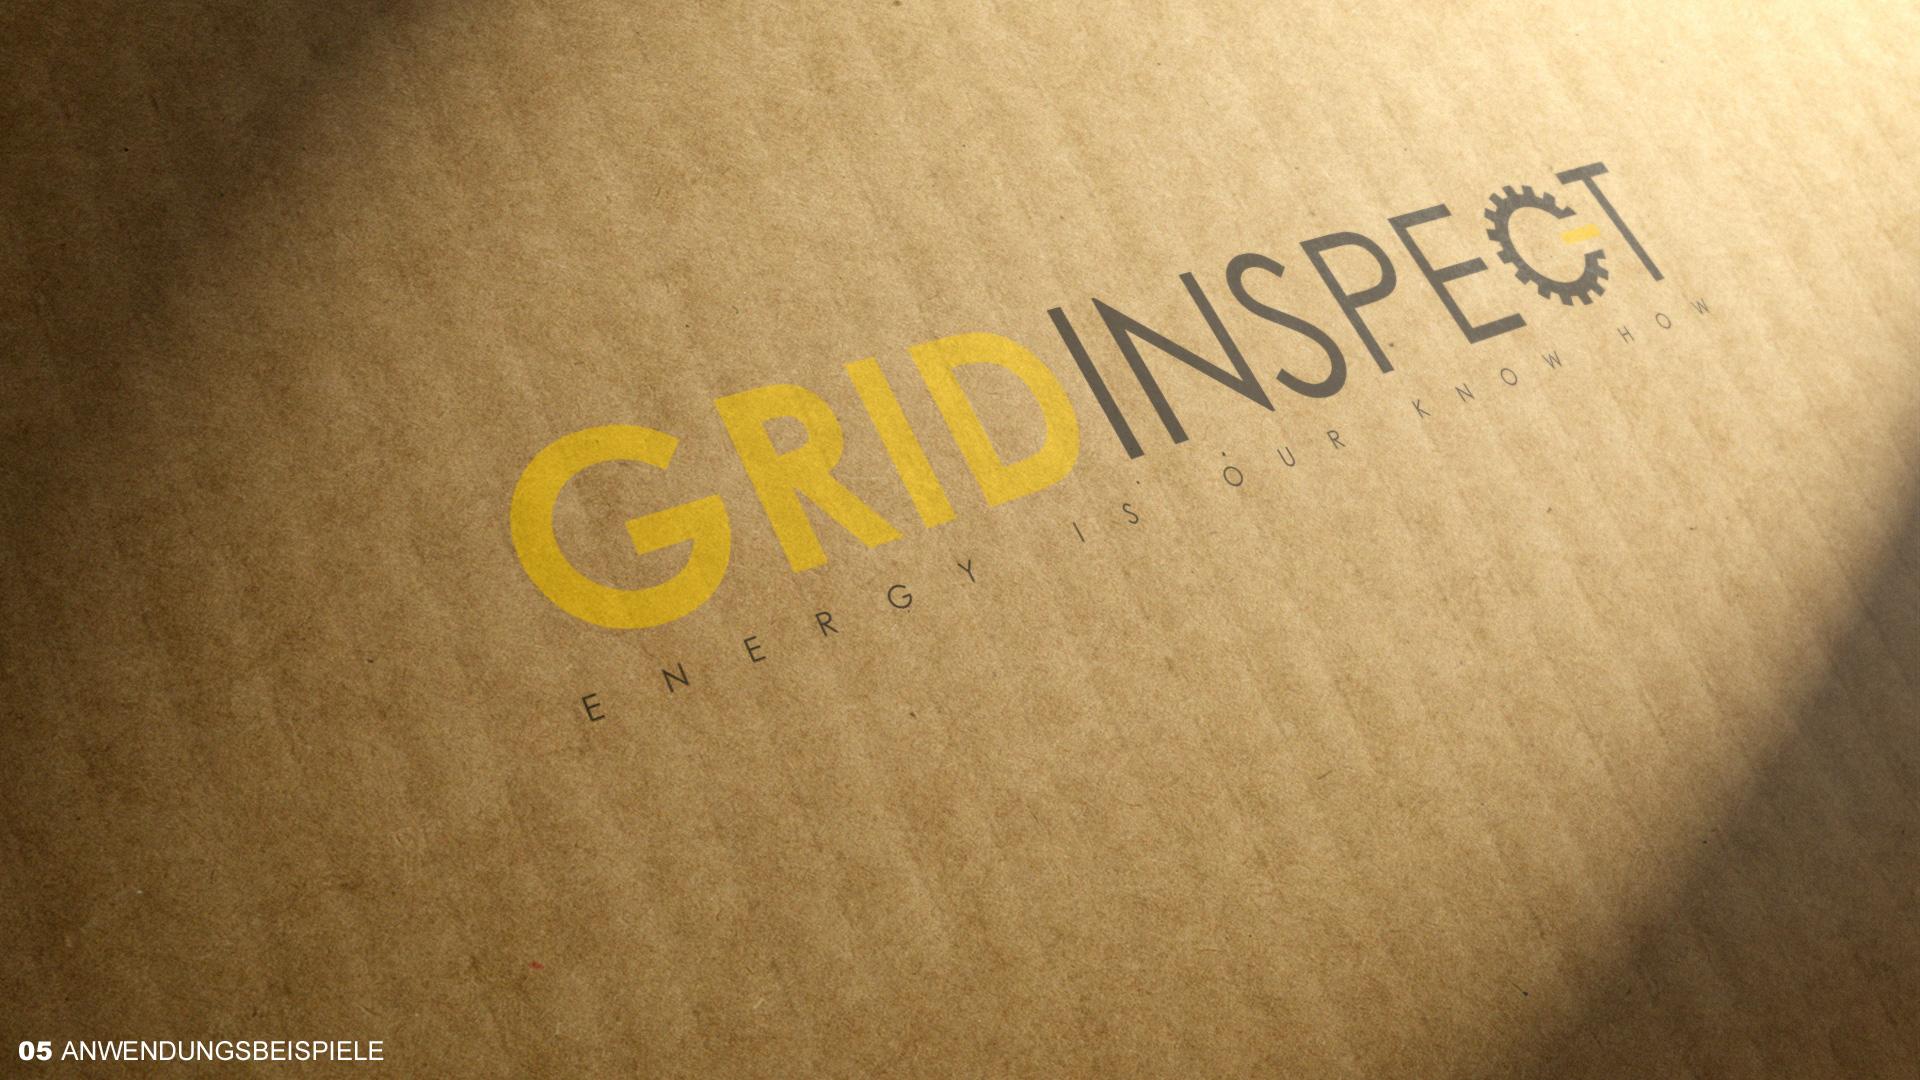 15_gridinspect_ci2013